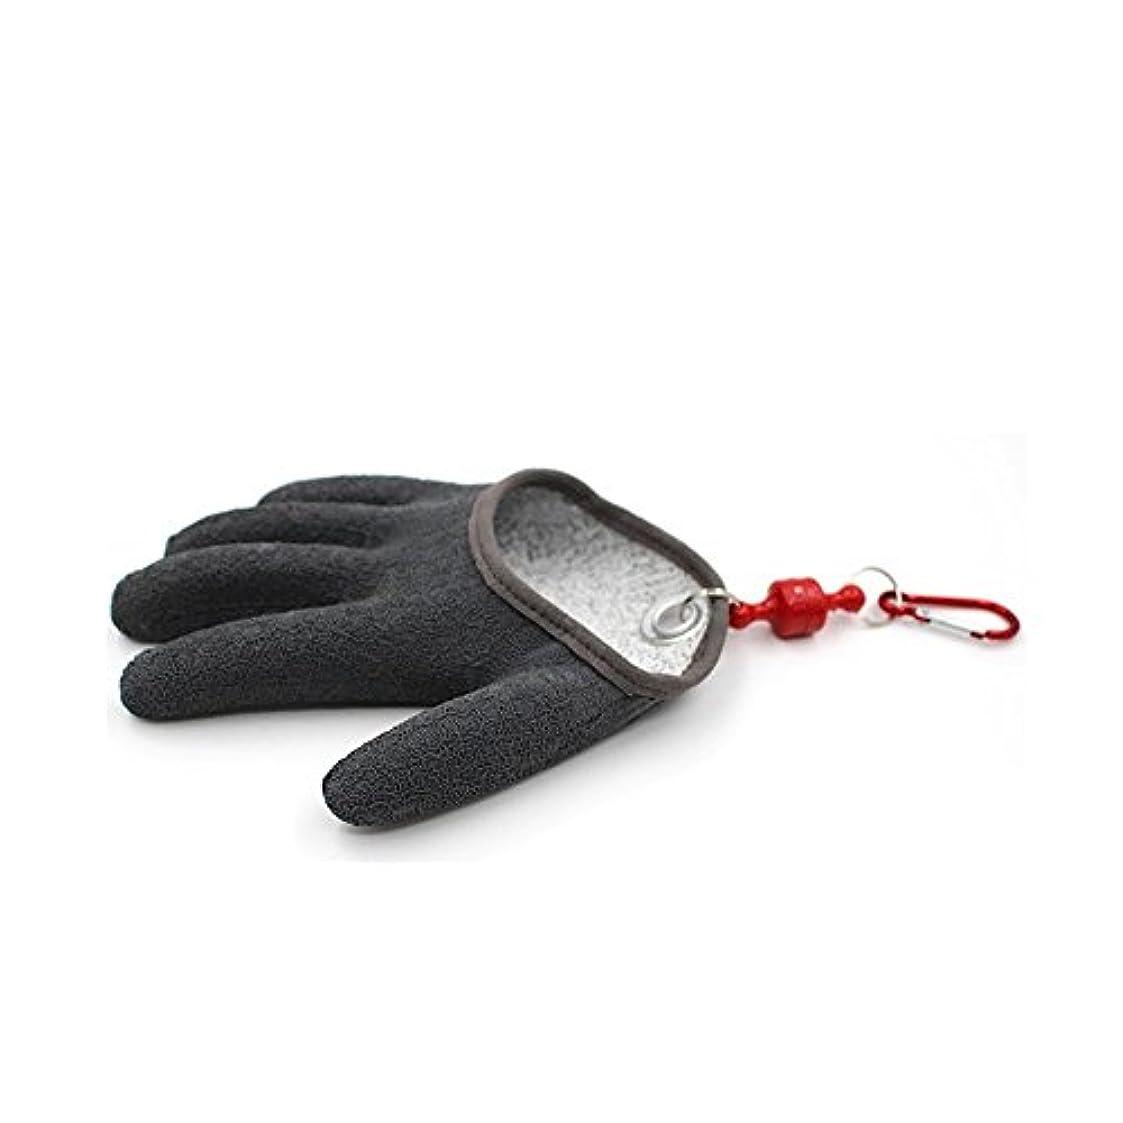 セルフコイリングキャッチ魚釣りグローブ手袋topindハンティンググローブ滑り止め、防水PEワイヤWovenラテックス釣り狩猟手袋withマグネットリリース釣りツール1個